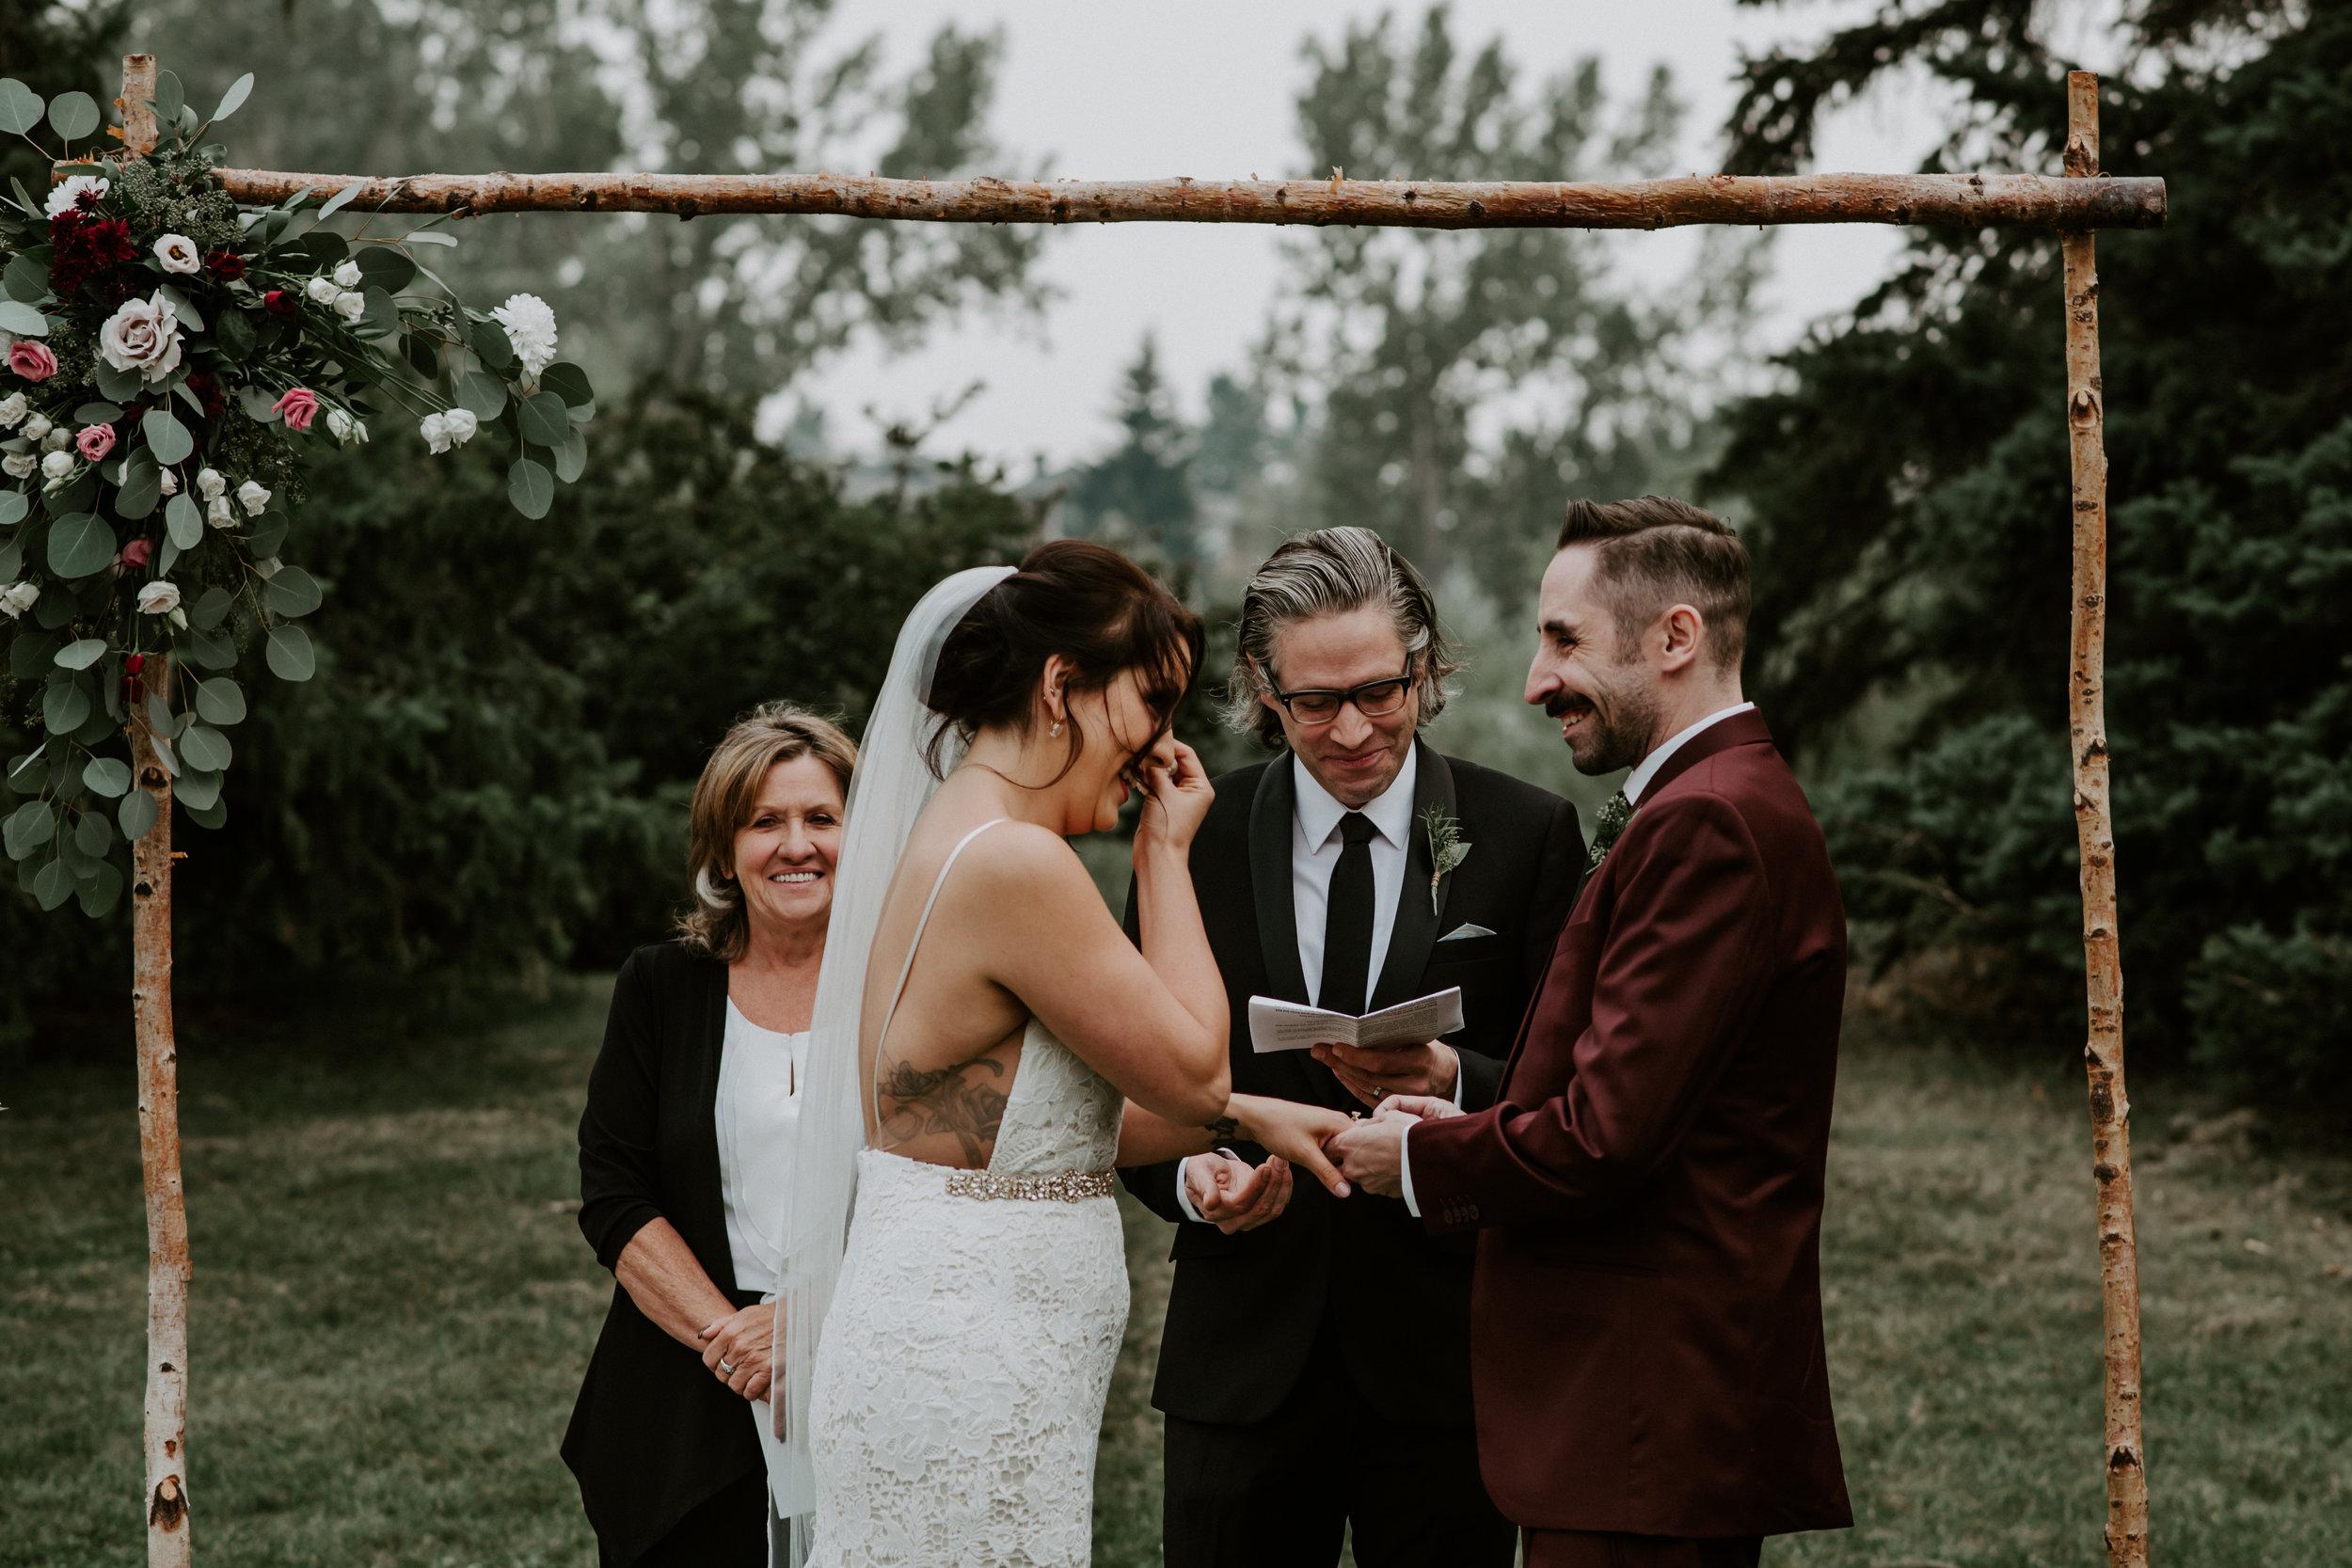 Calgary Wedding Photographer - 24 of 84.jpg